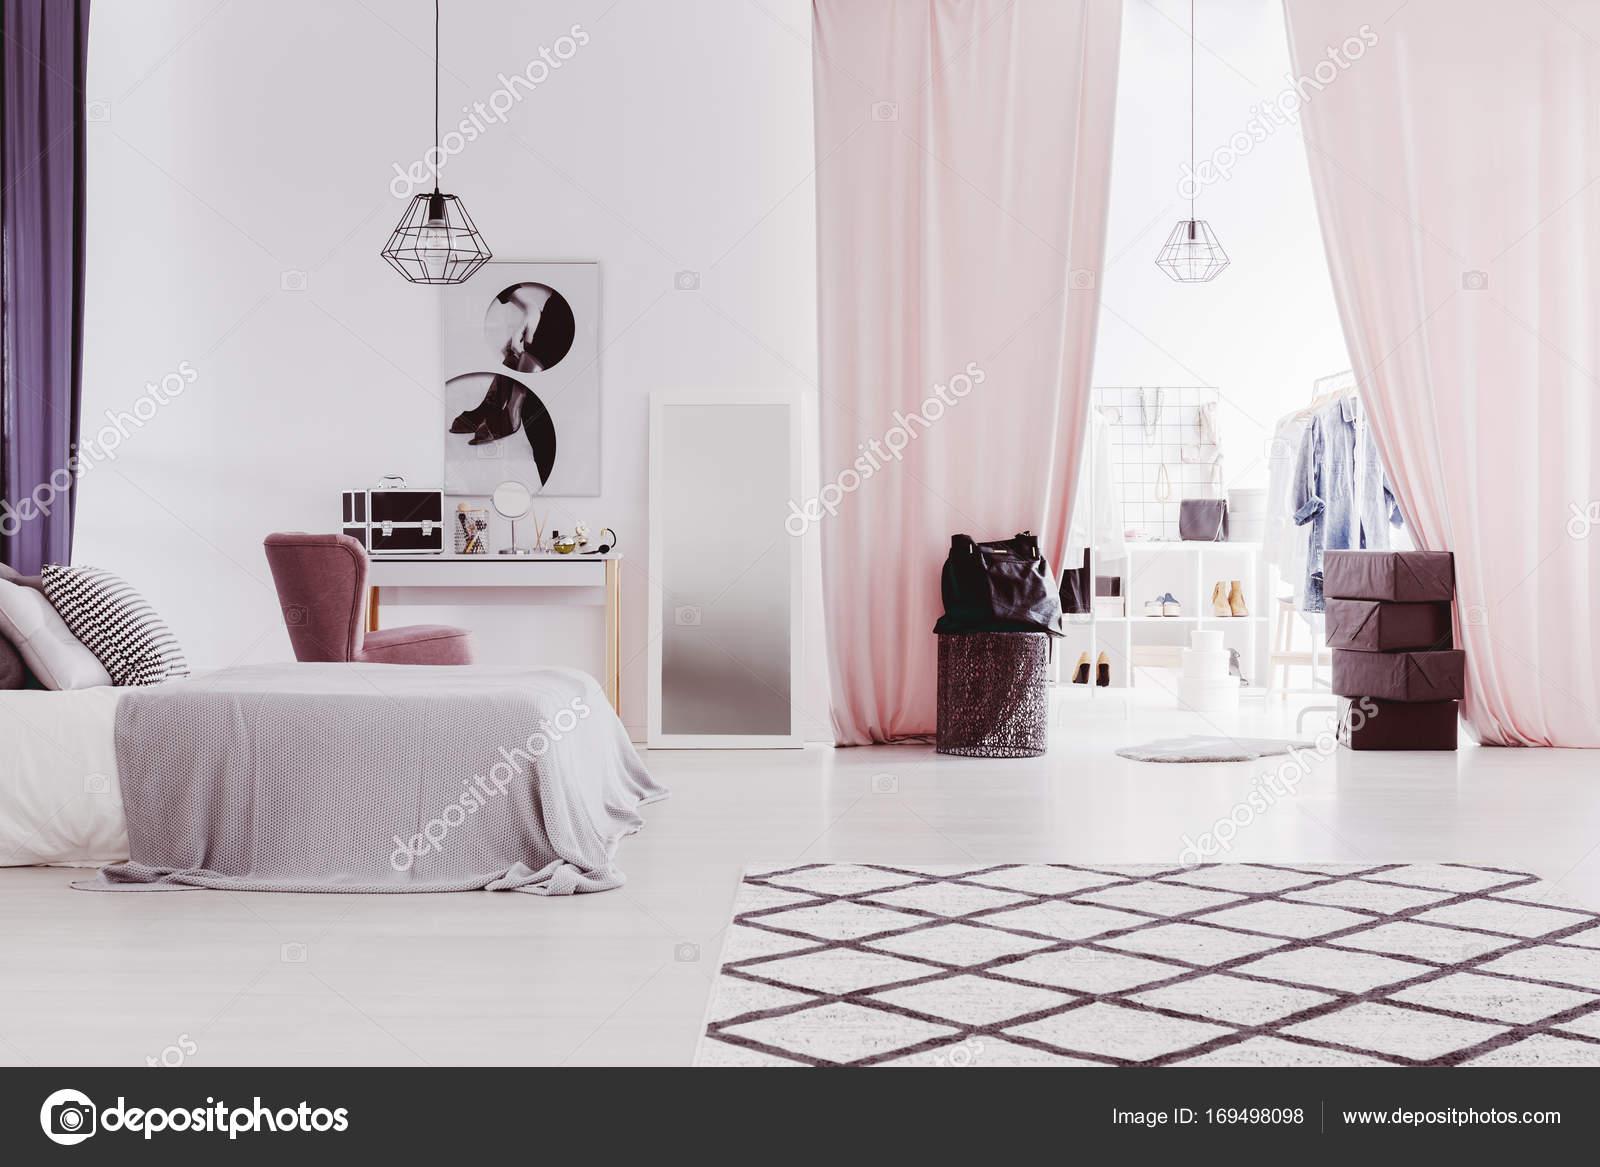 Inloopkast Met Gordijnen : Roze gordijnen in geavanceerde slaapkamer u stockfoto